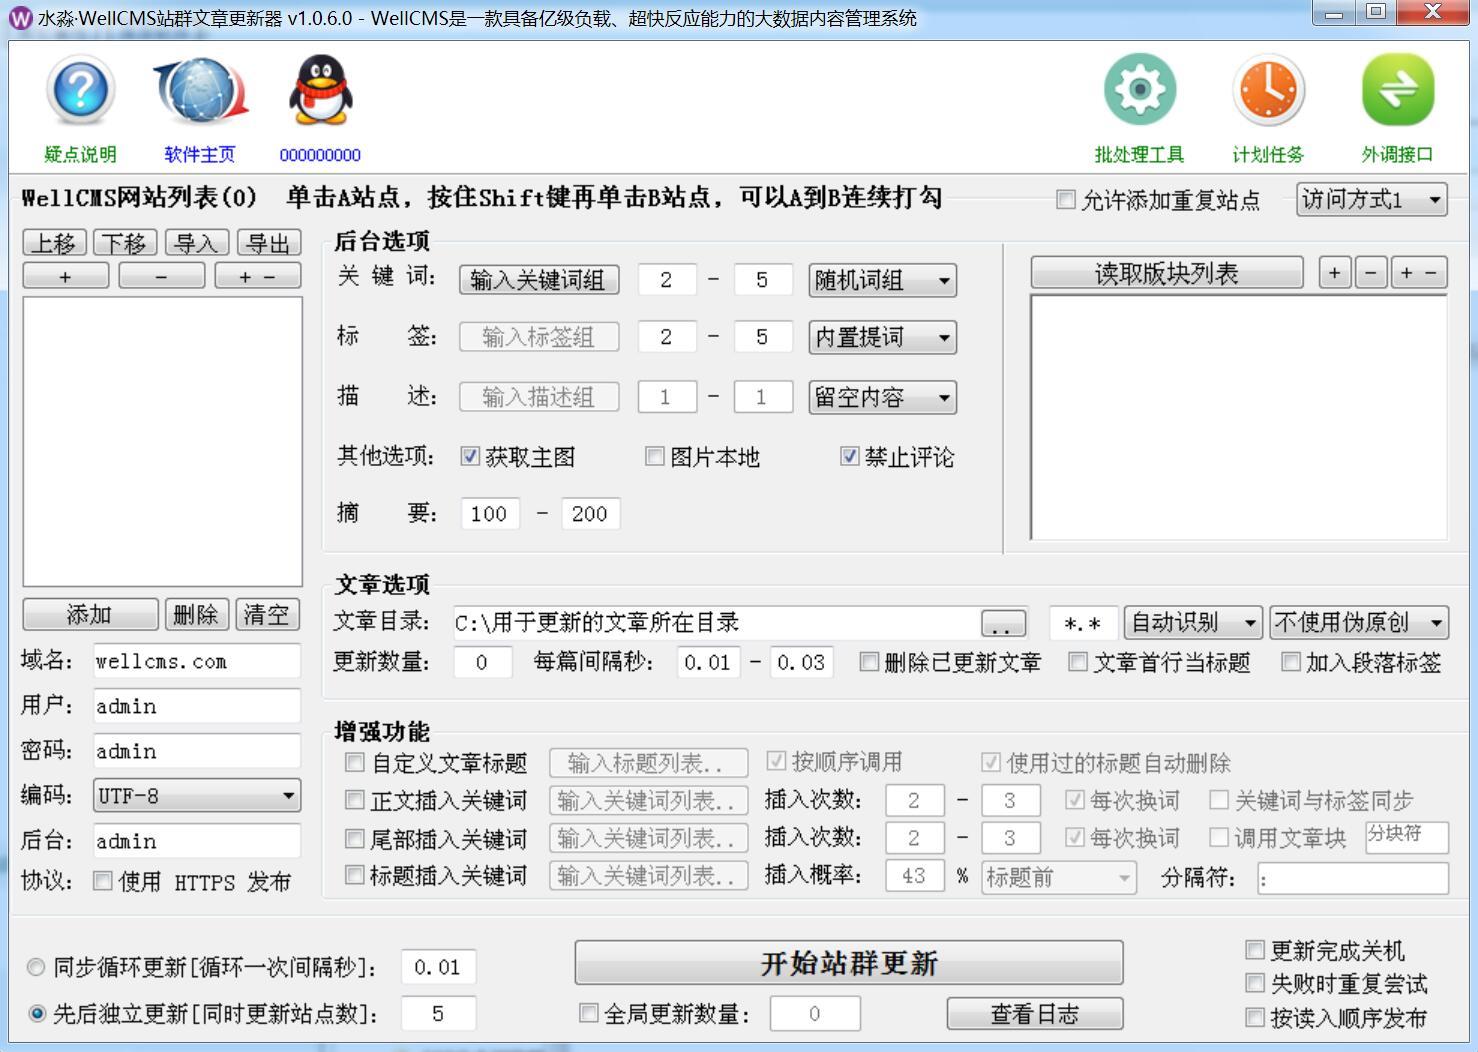 水淼・WellCMS站群文章更新器 v1.0.6.0